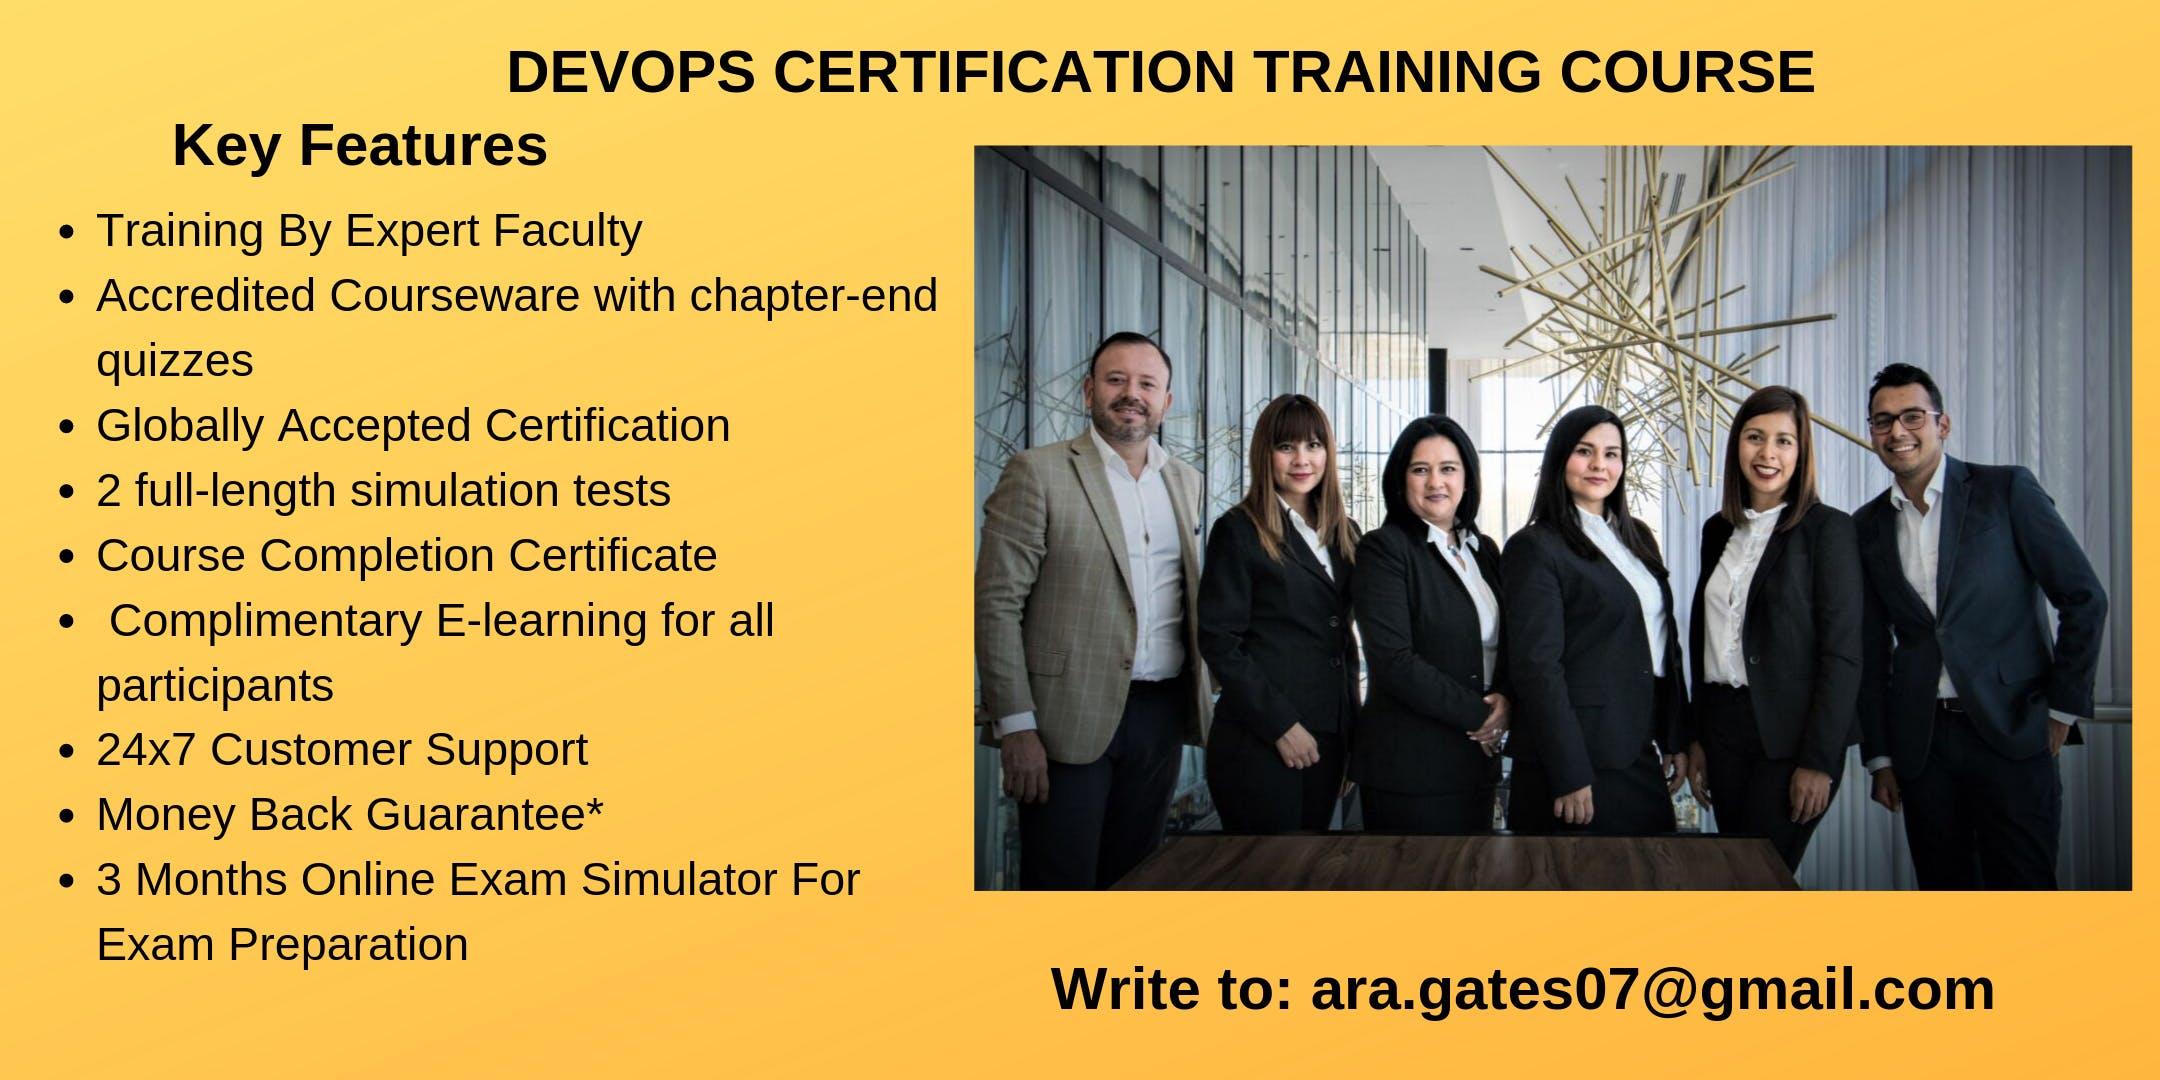 DevOps Certification Course in Denver, CO